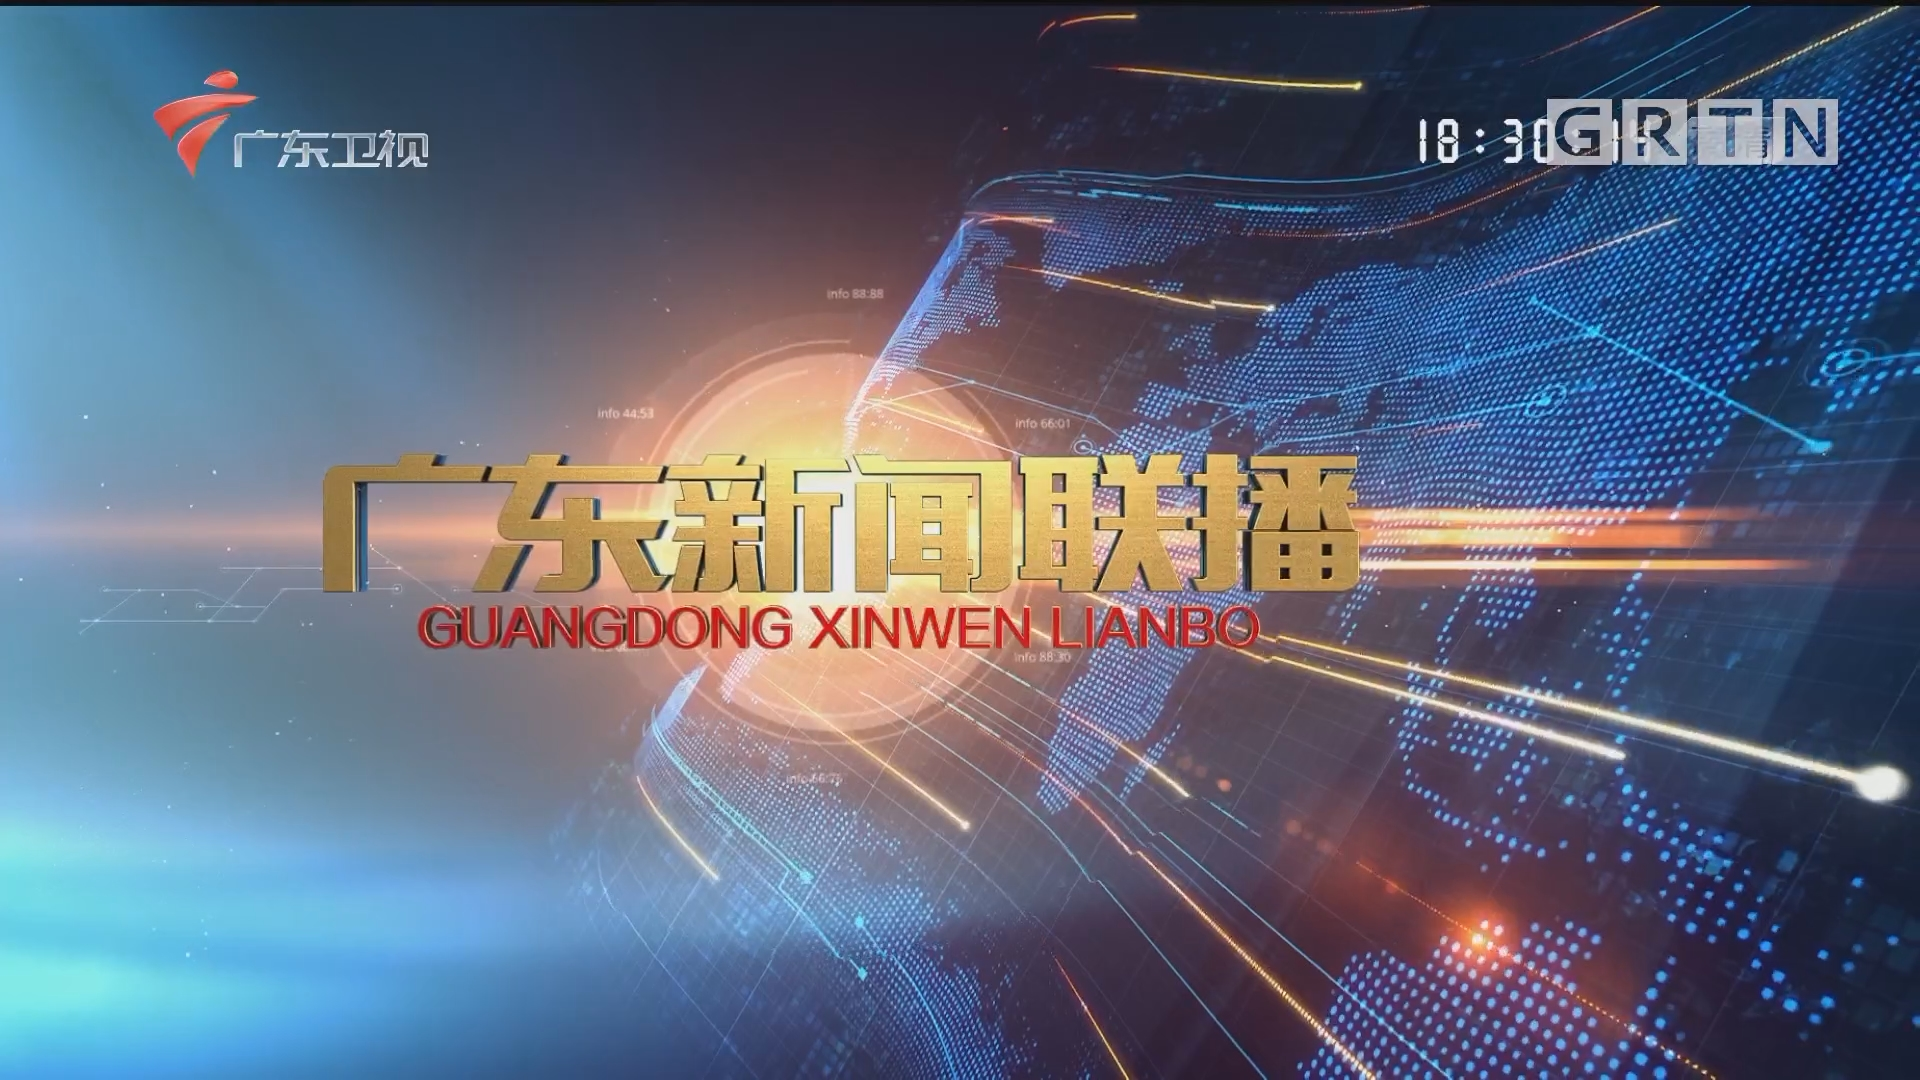 [HD][2017-10-29]广东新闻联播:专家解读:把人民对美好生活的向往作为奋斗目标